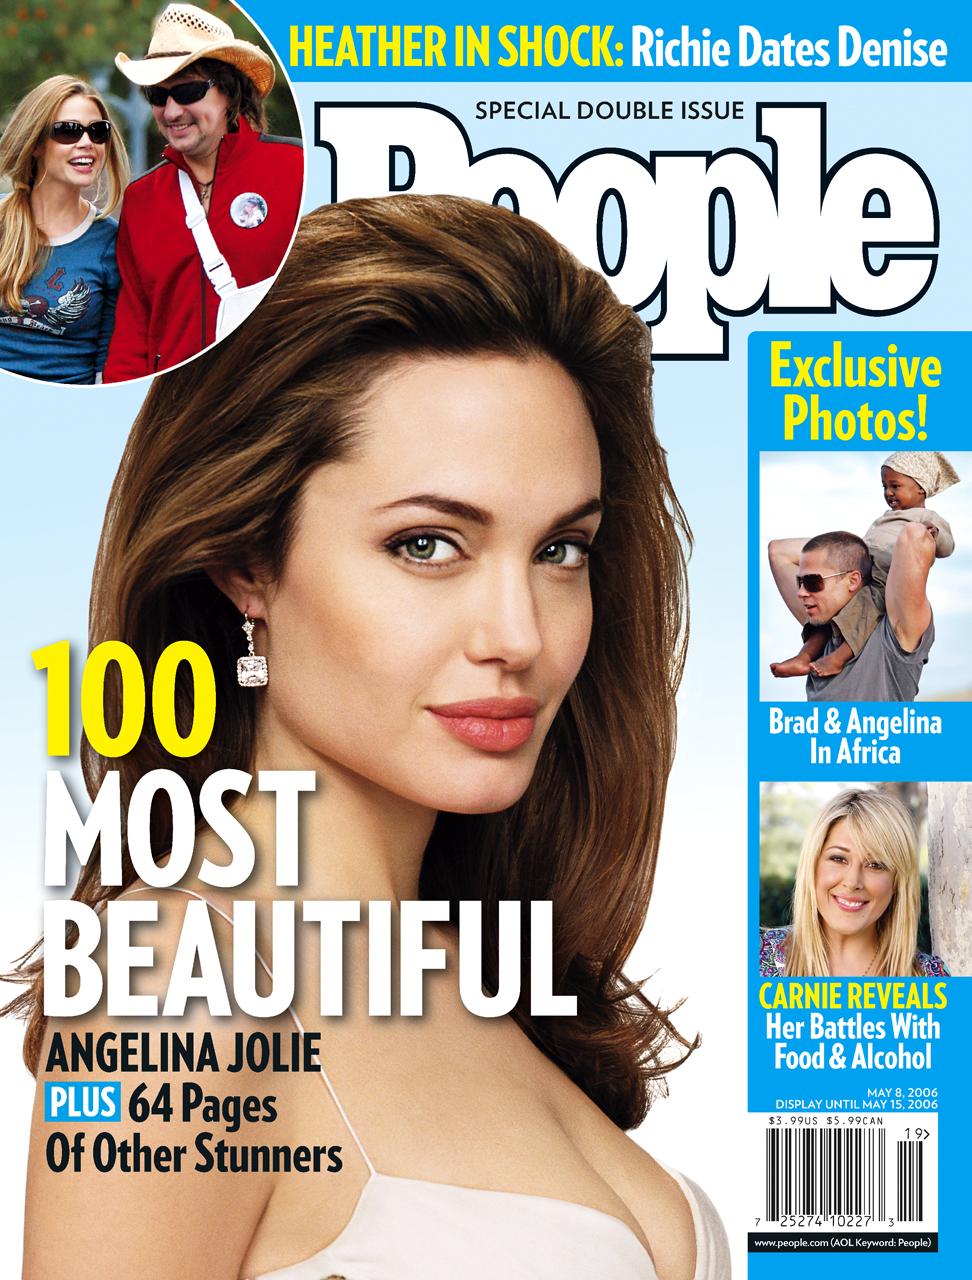 Beautiful Magazine Glamorous With People Magazine Most Beautiful Picture